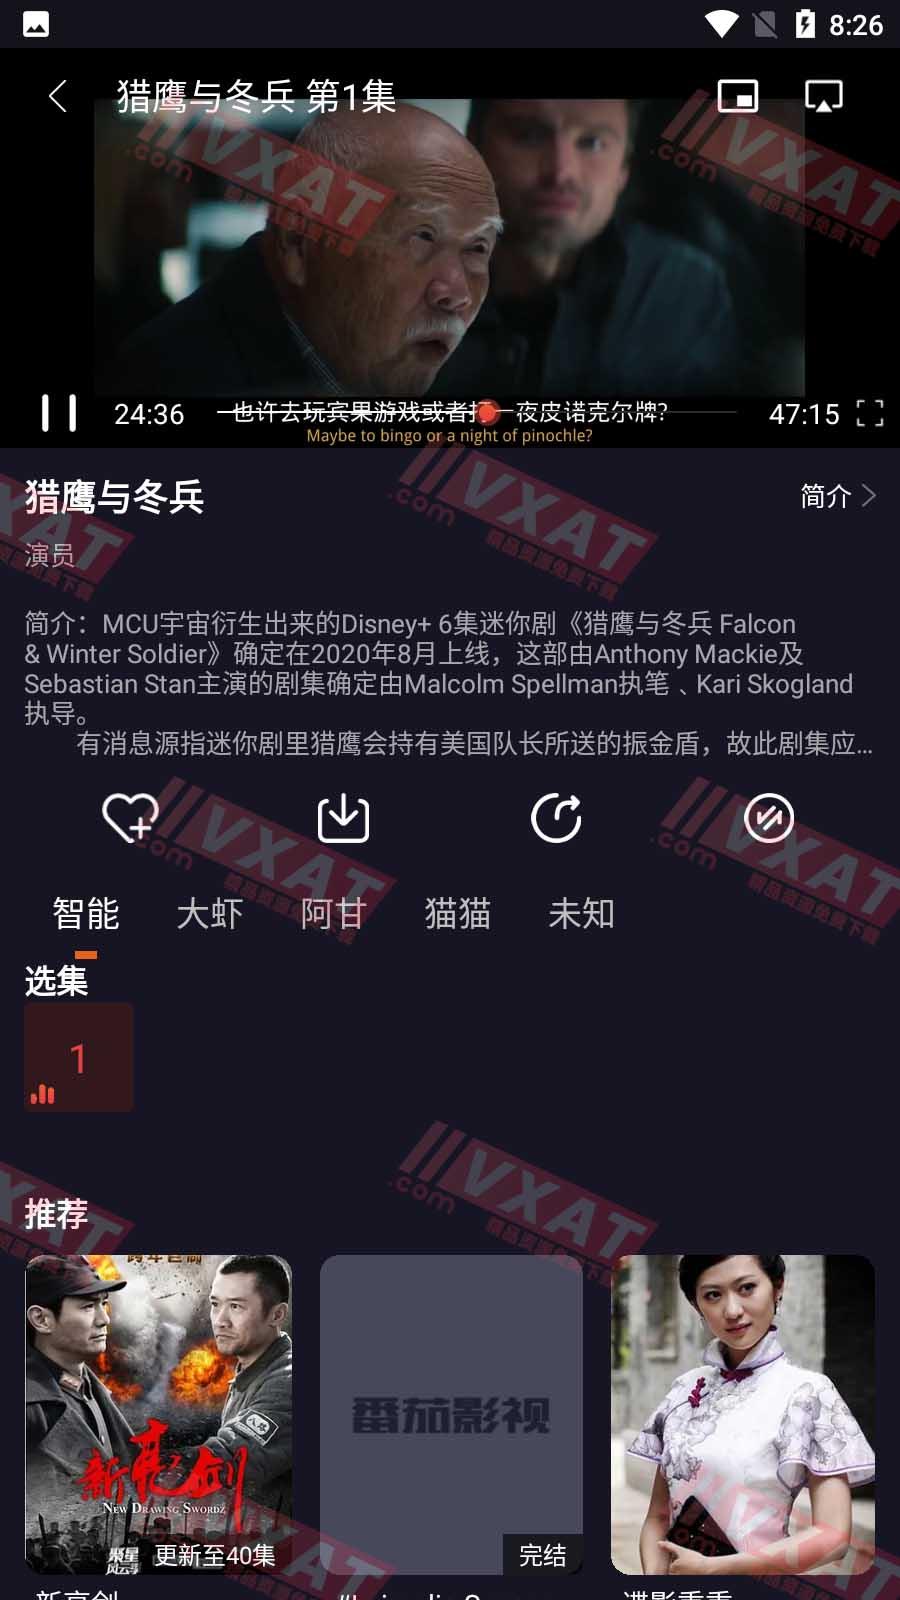 番茄影视 v1.1.8 去广告精简版 第1张